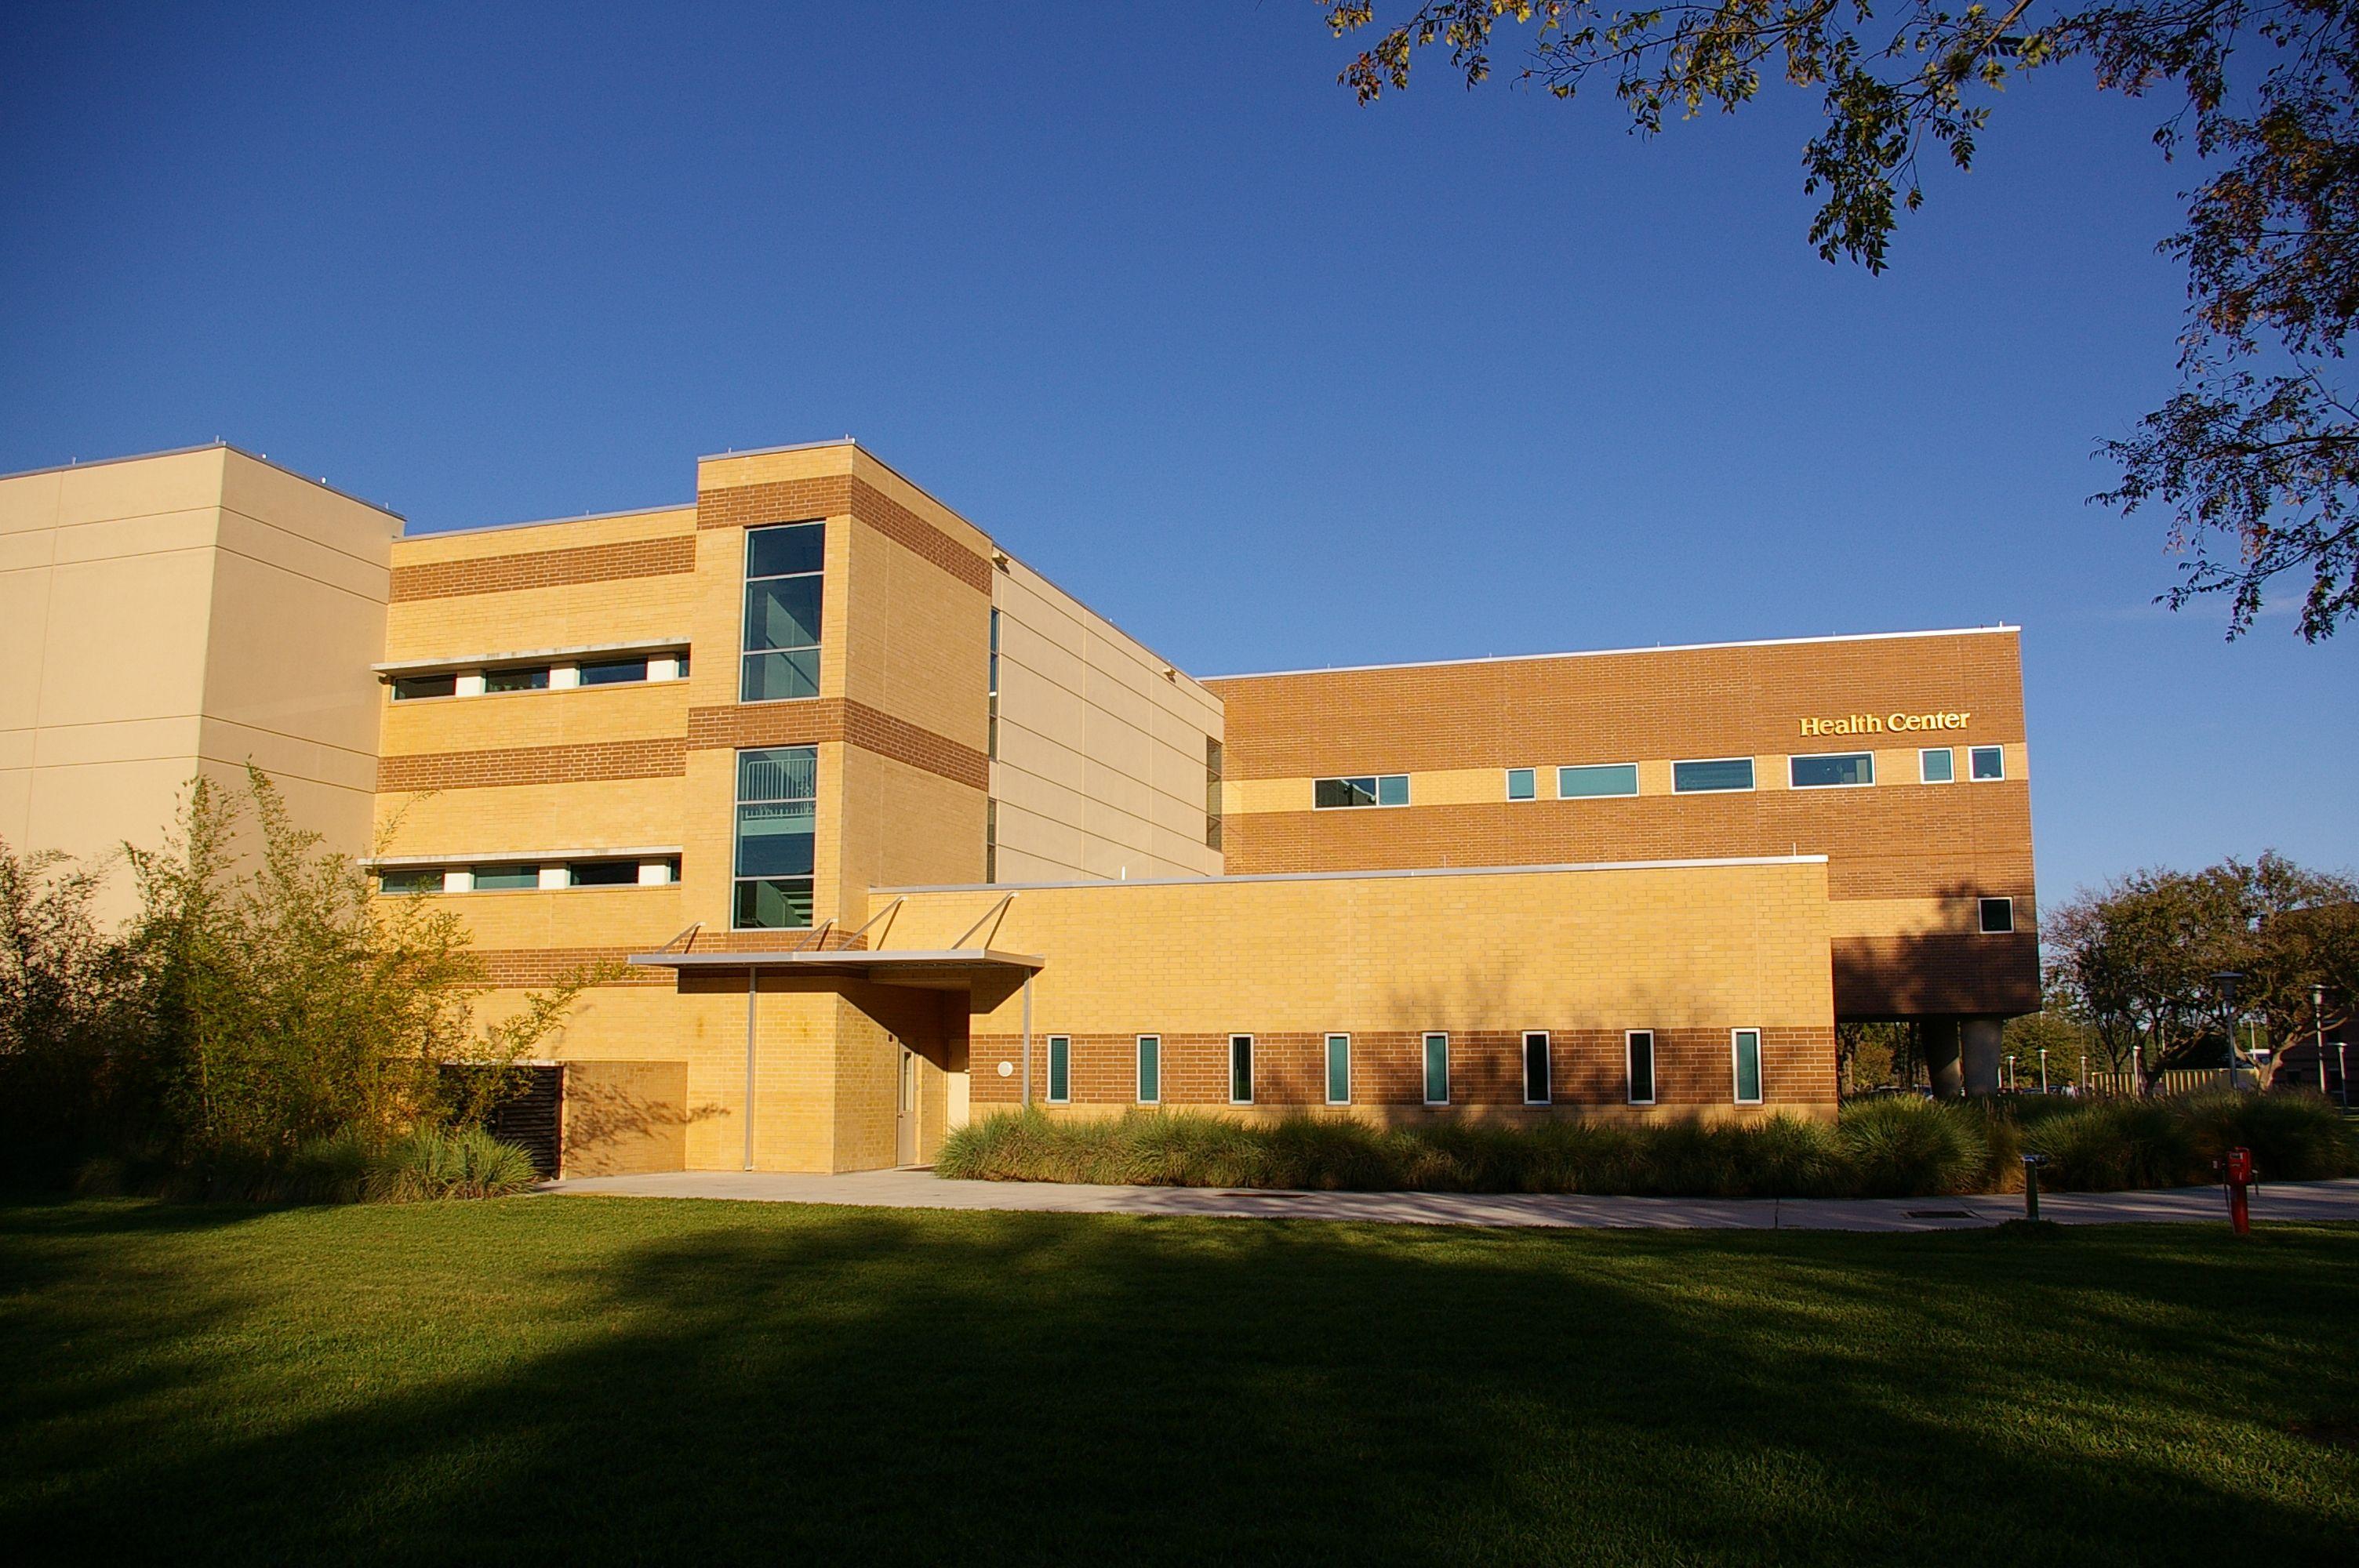 Smu Health Center